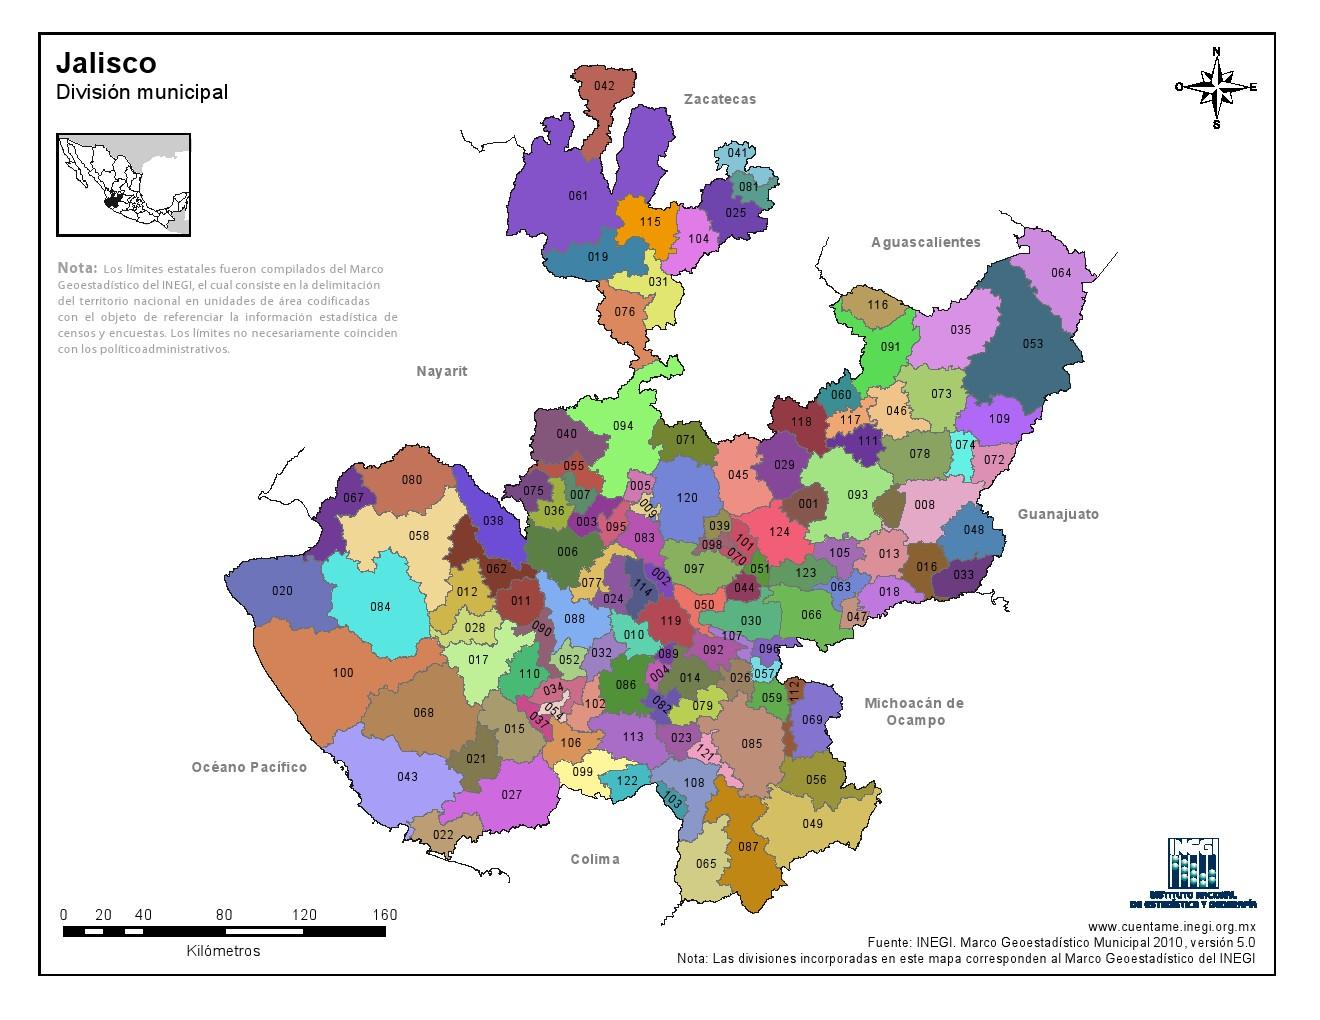 estado de tlaxcala y sus municipios: